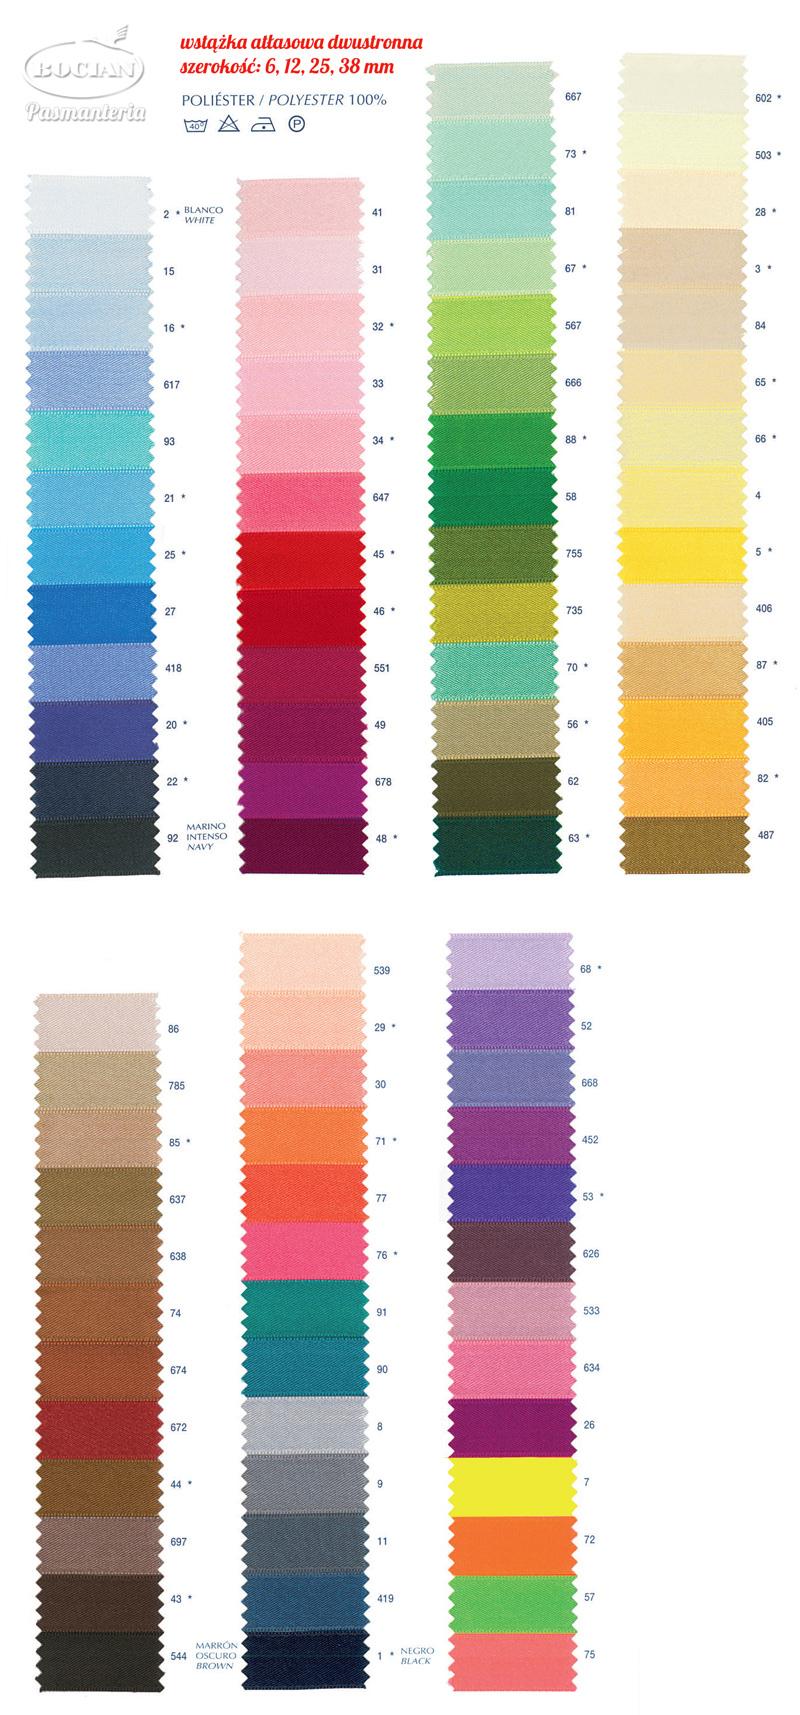 Kolory wstążek atłasowych na zamówienie - pasmanteria BOCIAN